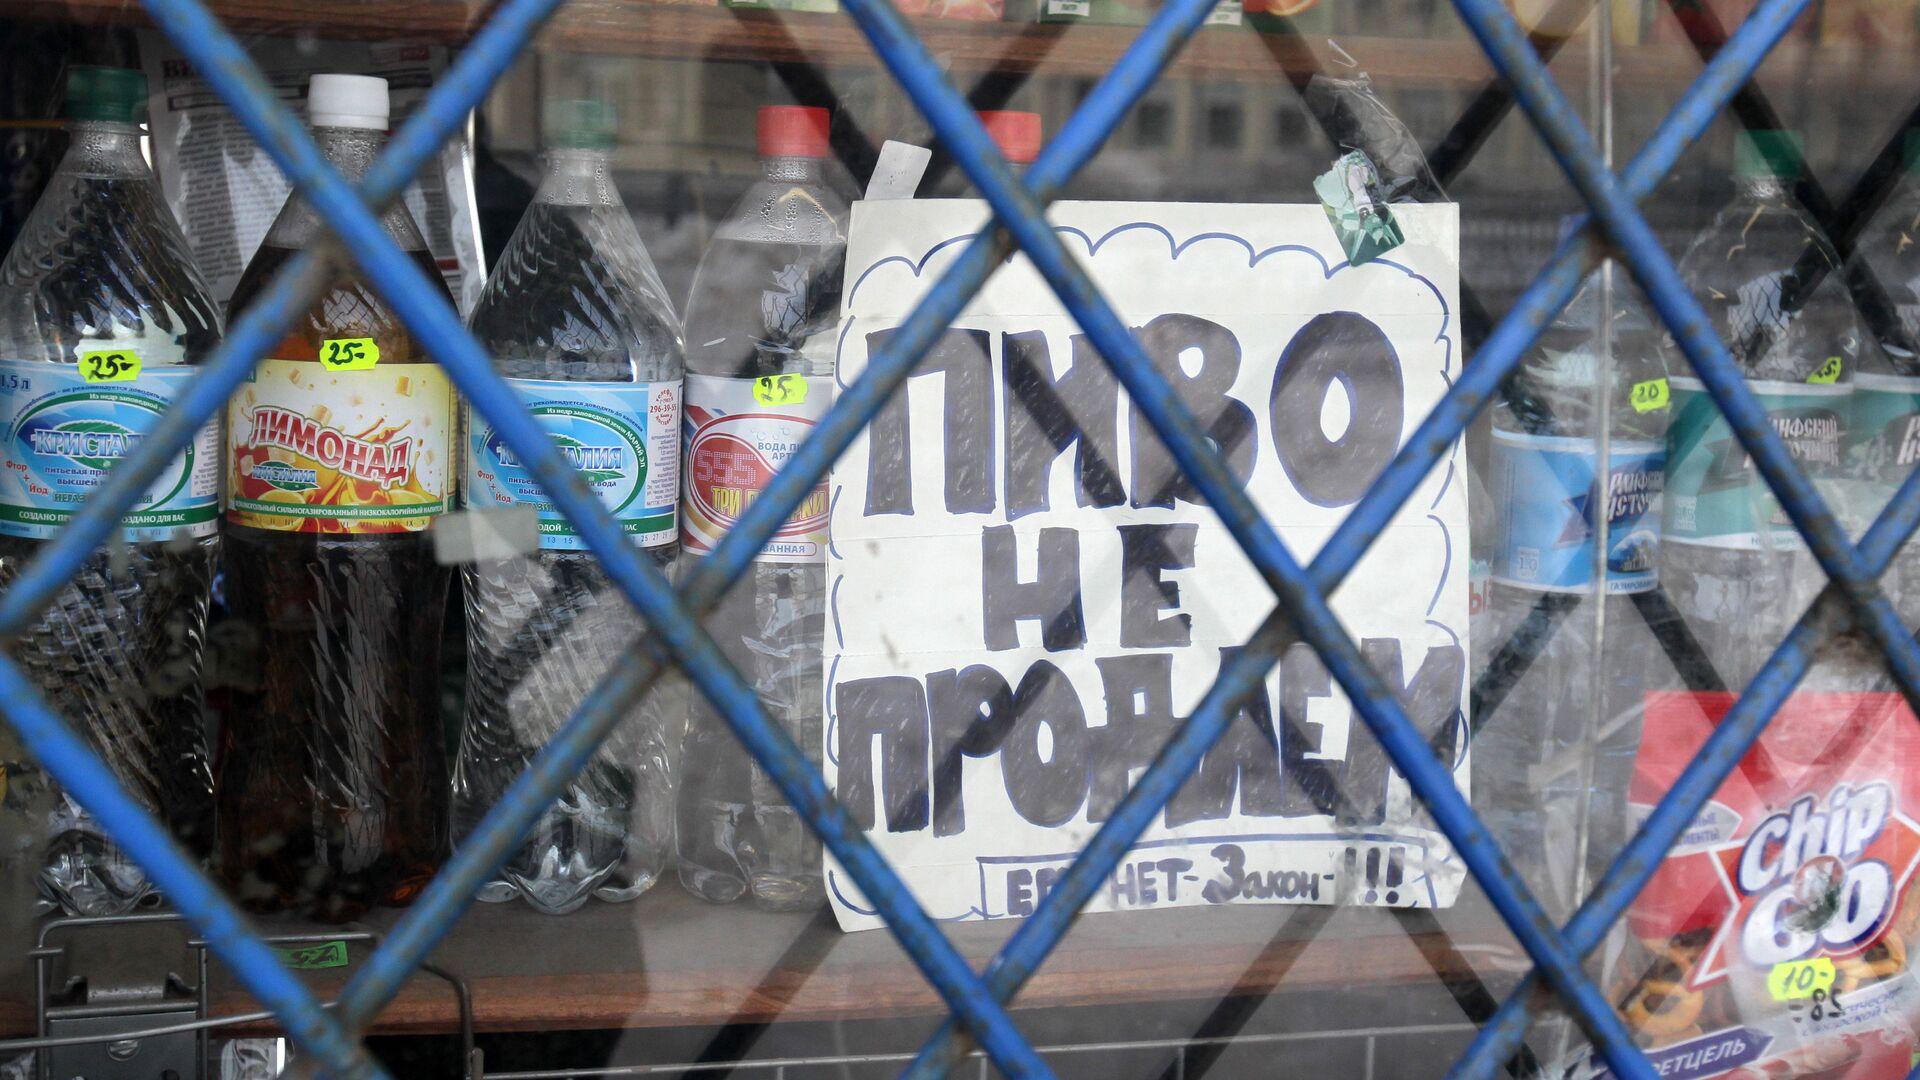 Продажа пива в торговых палатках - РИА Новости, 1920, 19.04.2021